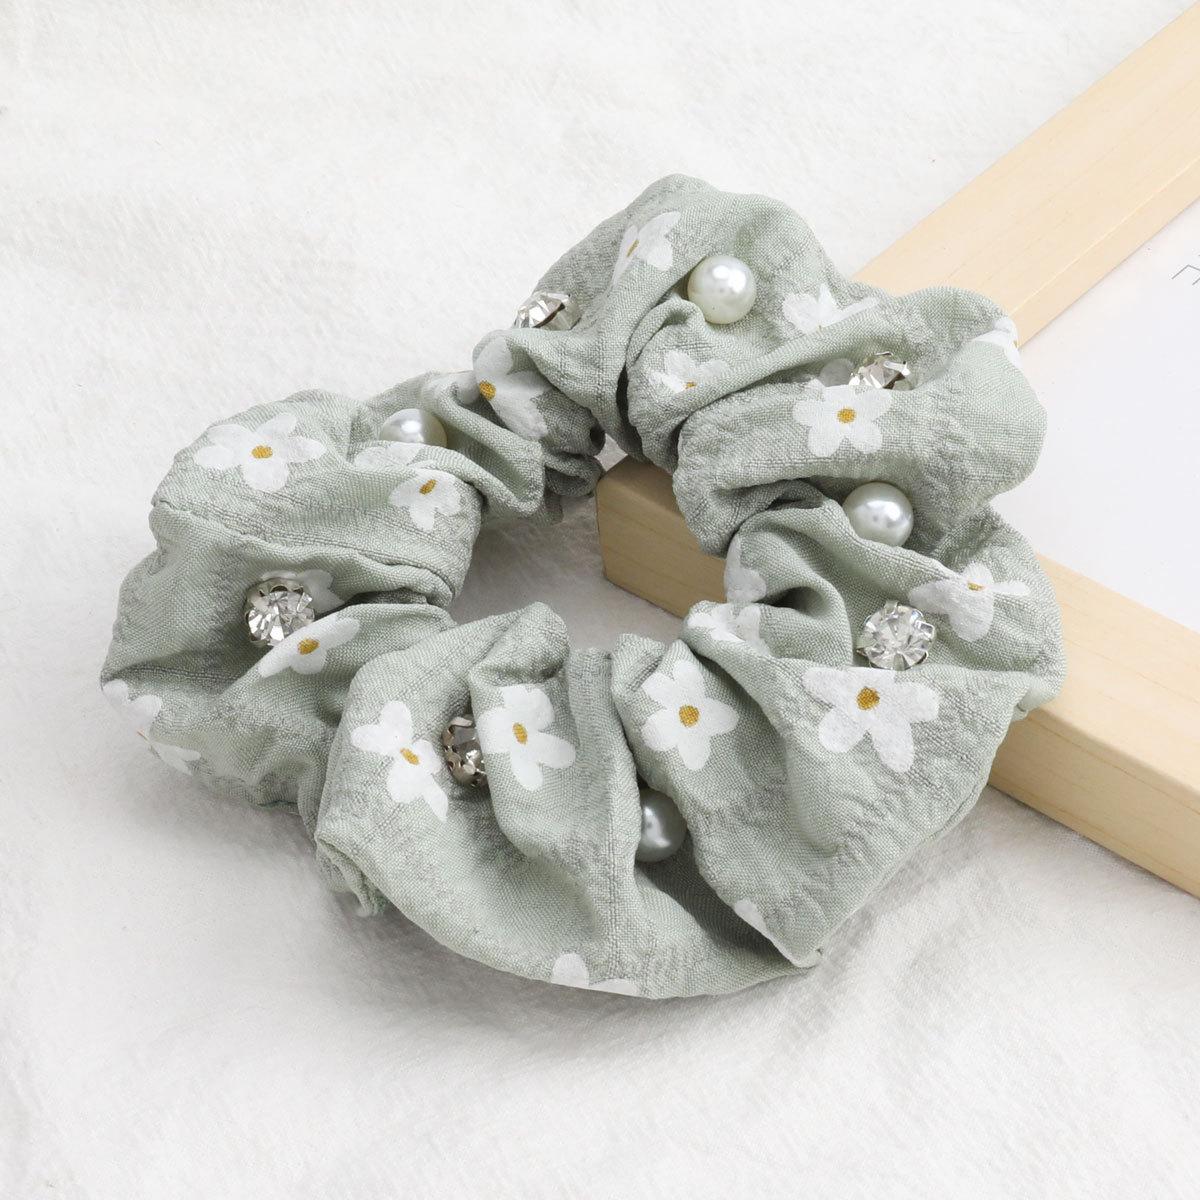 Vente chaude de la Core petite fleur blanche tissu imprim chouchous de cheveux perle incrusts de diamants en gros NHJE244479